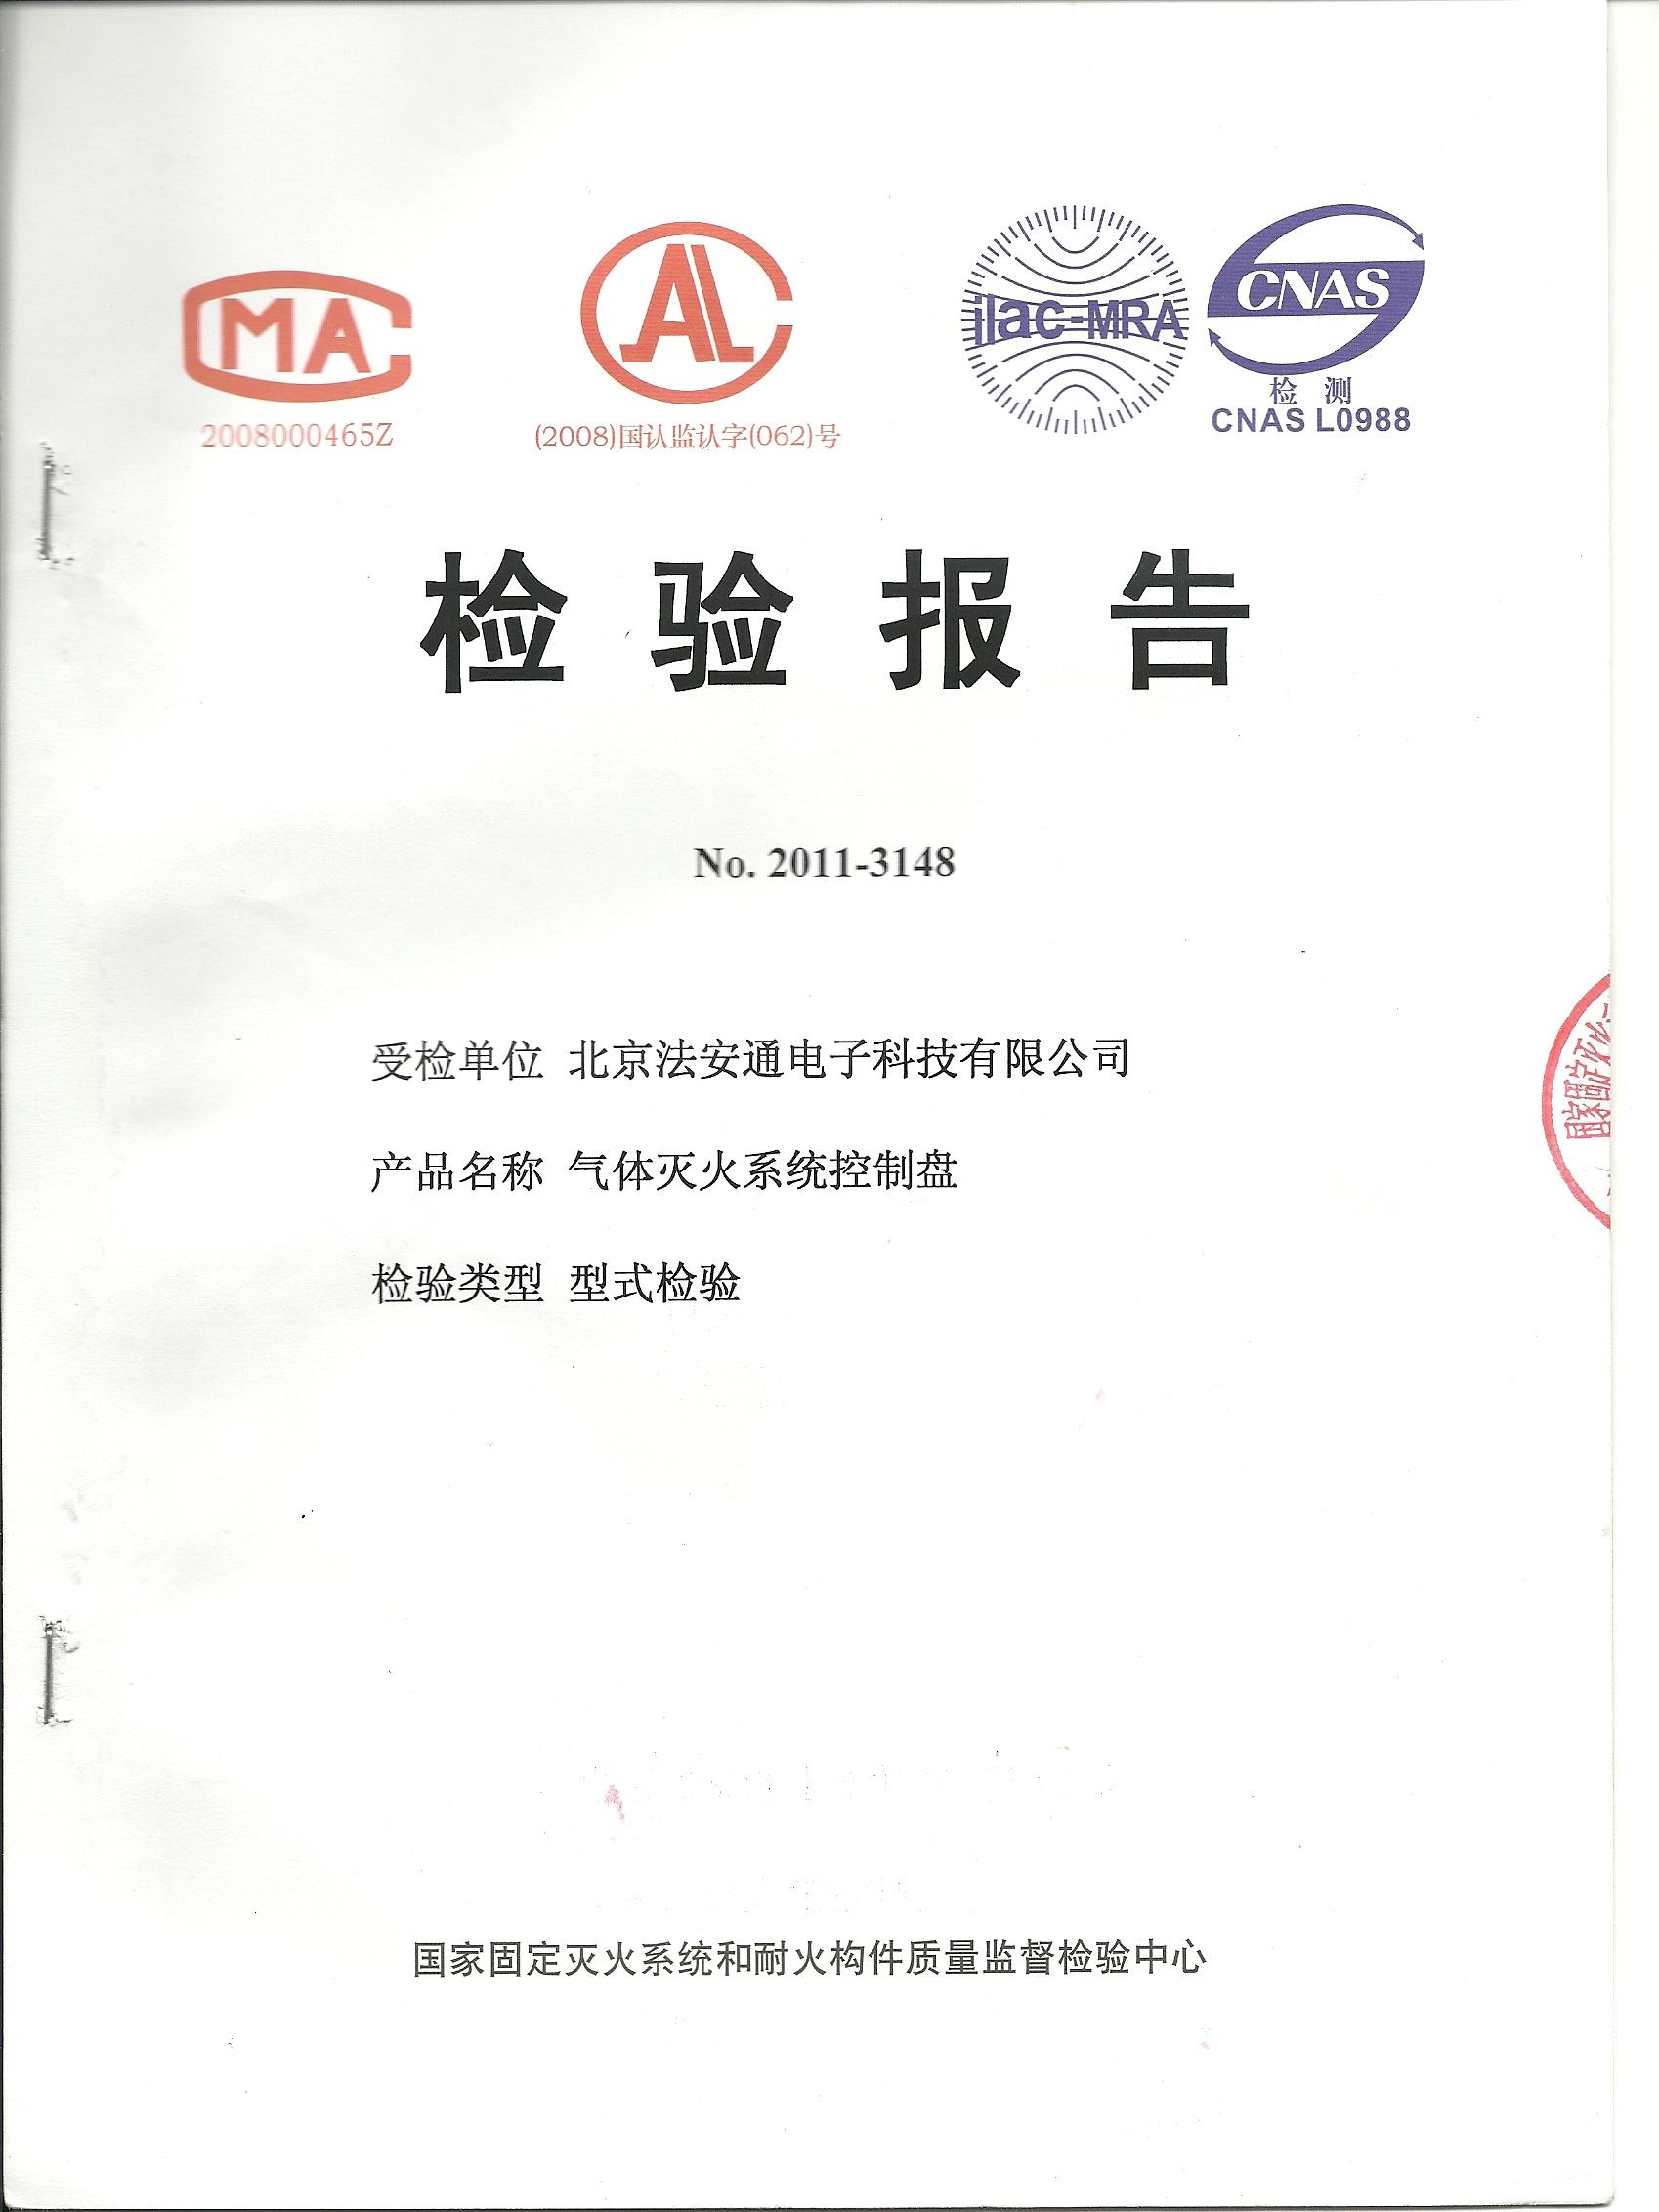 JB-QB-FANT6110气体灭火系统控制盘